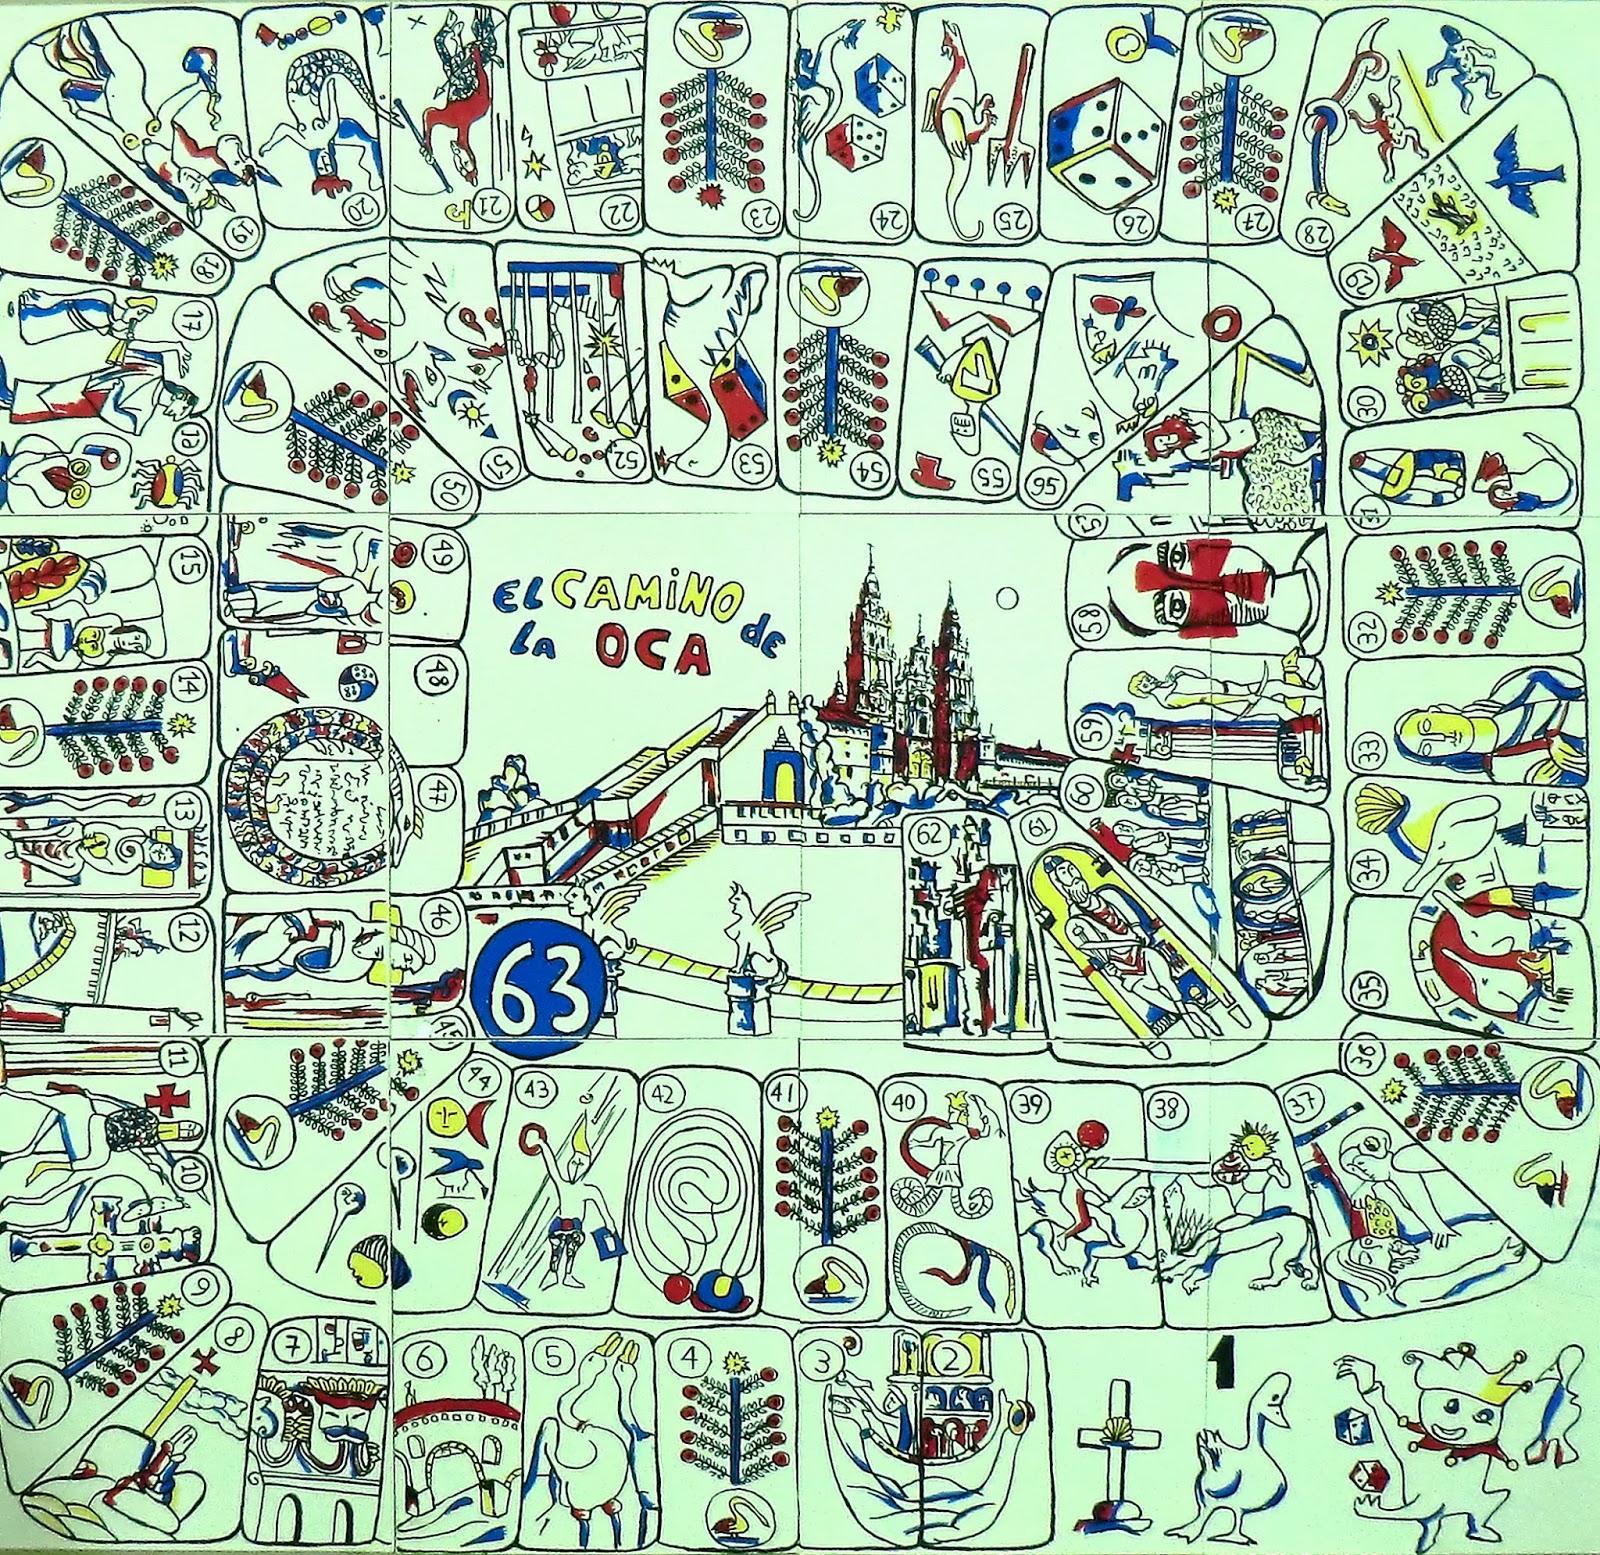 1000 images about juegos de mesa on pinterest - La oca juego de mesa ...